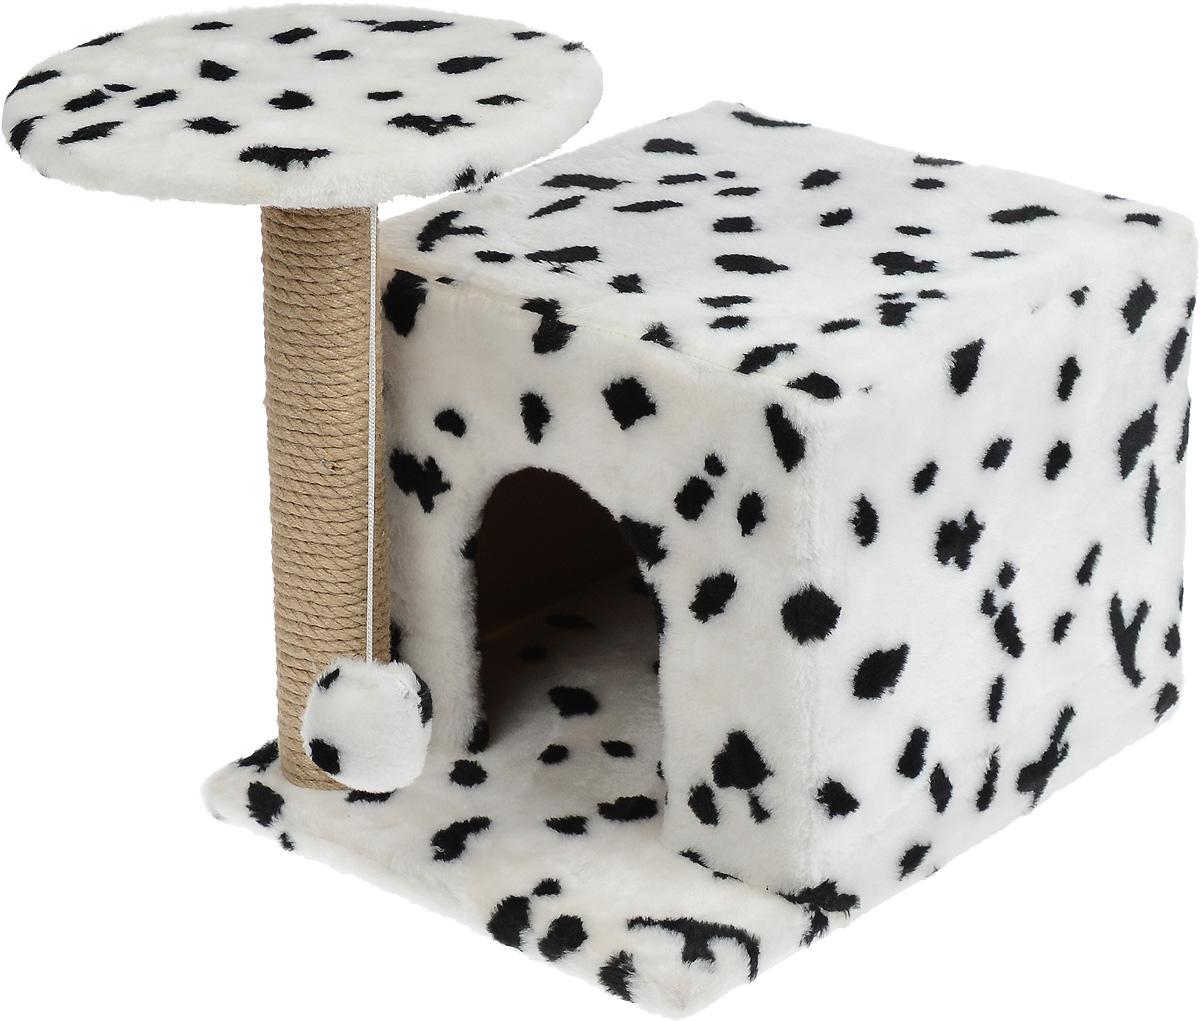 Игровой комплекс для кошек Меридиан, с когтеточкой и домиком, цвет: белый, черный, бежевый, 35 х 45 х 45 смД132 ДИгровой комплекс для кошек Меридиан выполнен из высококачественного ДВП и ДСП и обтянут искусственным мехом. Изделие предназначено для кошек. Ваш домашний питомец будет с удовольствием точить когти о специальный столбик, изготовленный из джута. А отдохнуть он сможет либо на полке, находящейся наверху столбика, либо в расположенном внизу домике. Также на полке имеется подвесная игрушка, которая привлечет внимание кошки к когтеточке.Общий размер комплекса (с учетом выступающих частей): 59 х 45 х 44 см.Диаметр полки: 31 см.Размер домика: 45 х 35 х 32 см.